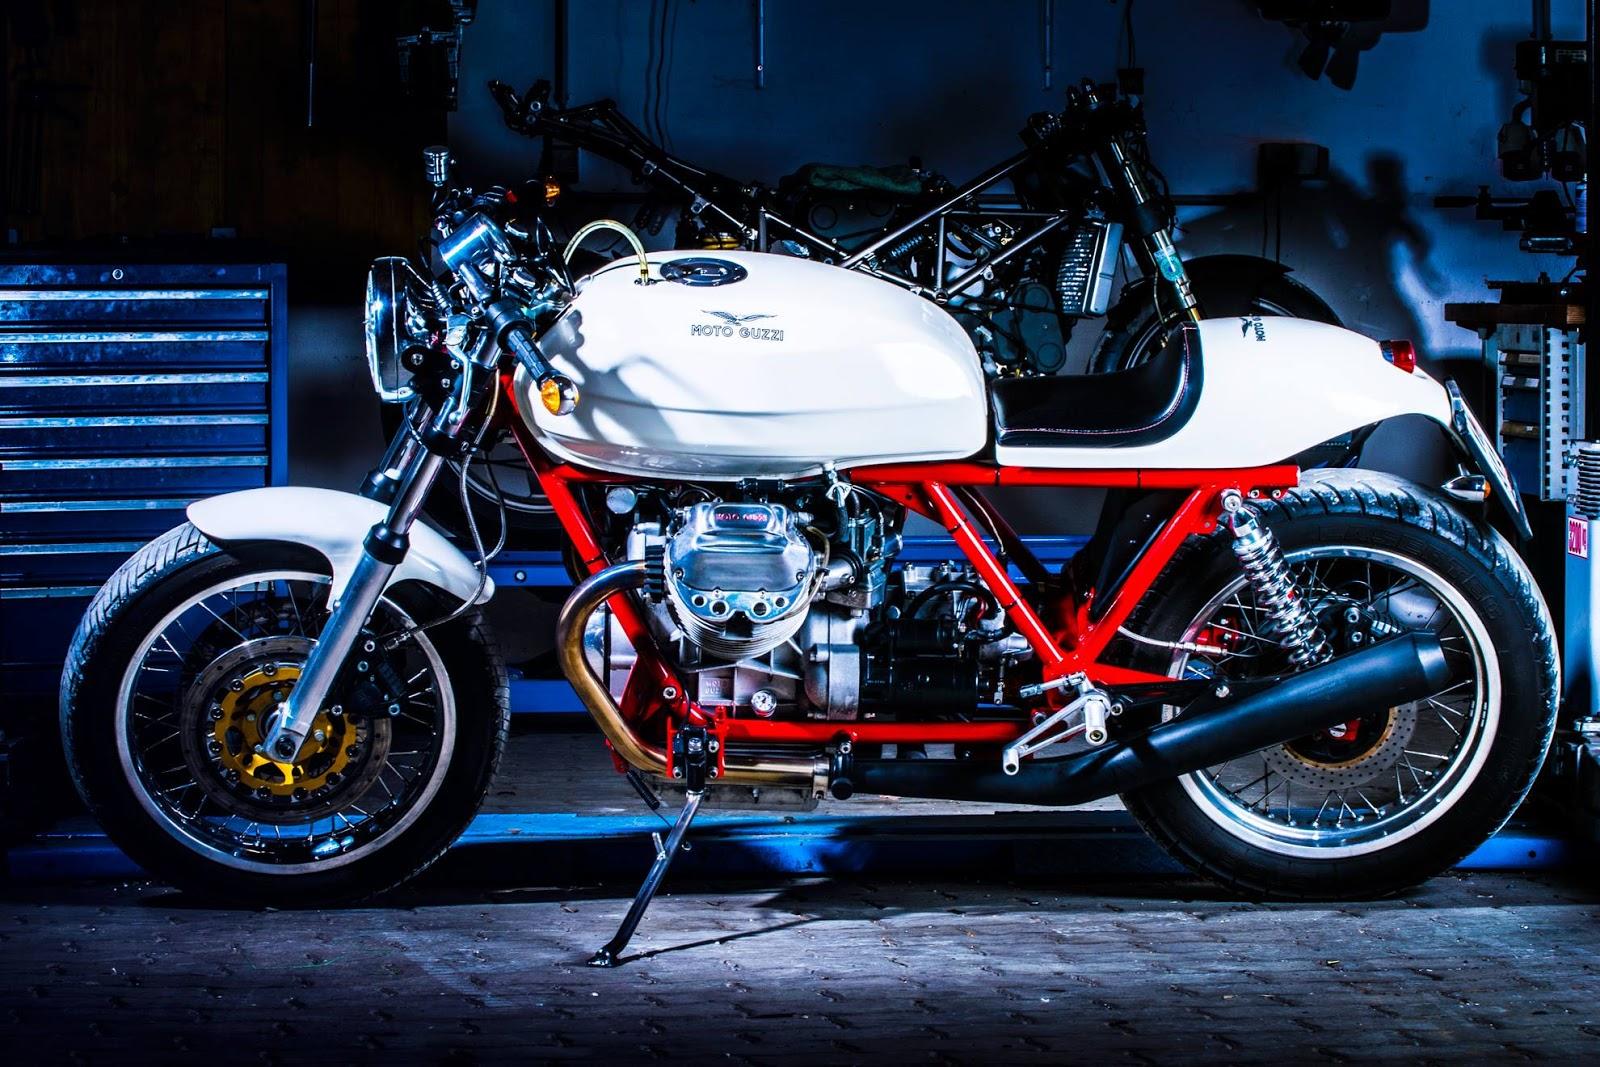 moto guzzi 1000 sp cafe racer rocketgarage cafe racer. Black Bedroom Furniture Sets. Home Design Ideas